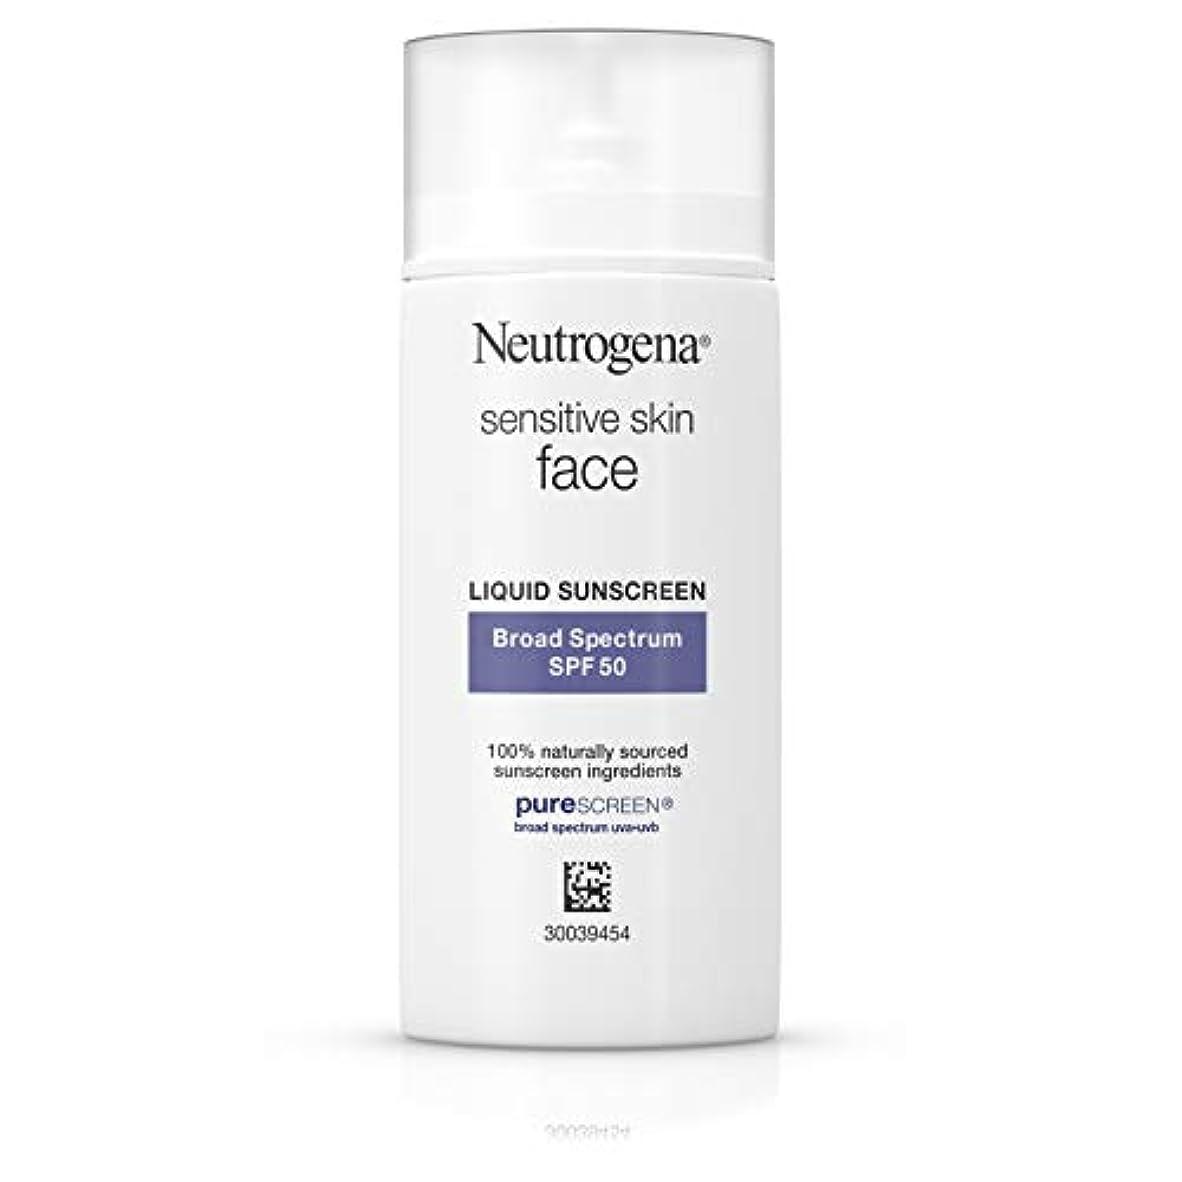 Neutrogena 酸化亜鉛、広域スペクトルSPF 50、1.4フロリダ州での自然の食材から敏感肌のための顔日焼け止め。オズ